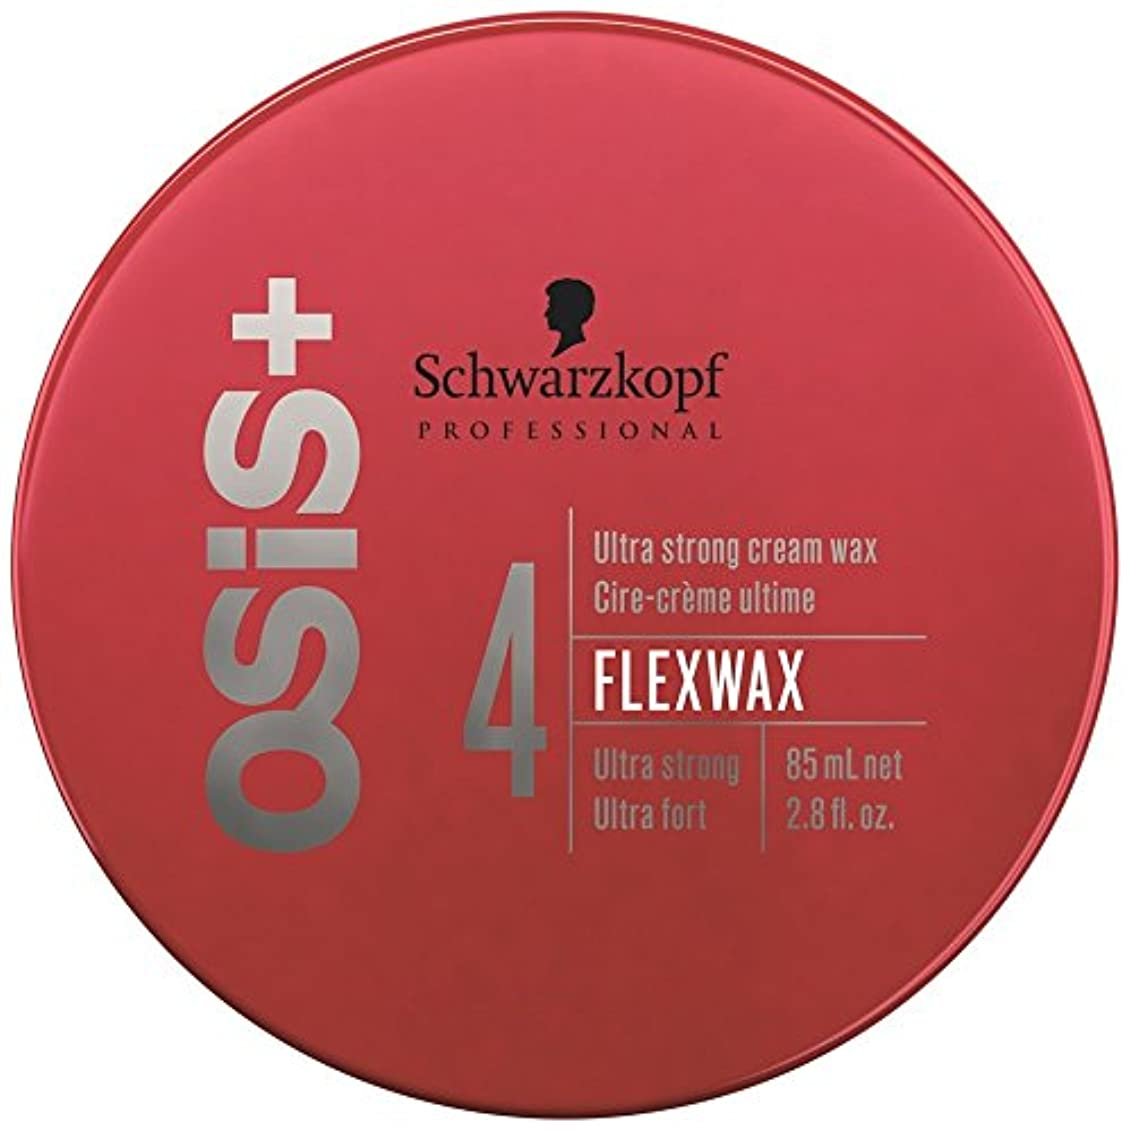 耐えられないケーキスクラブSchwarzkopf Osis Flexwax 85ml